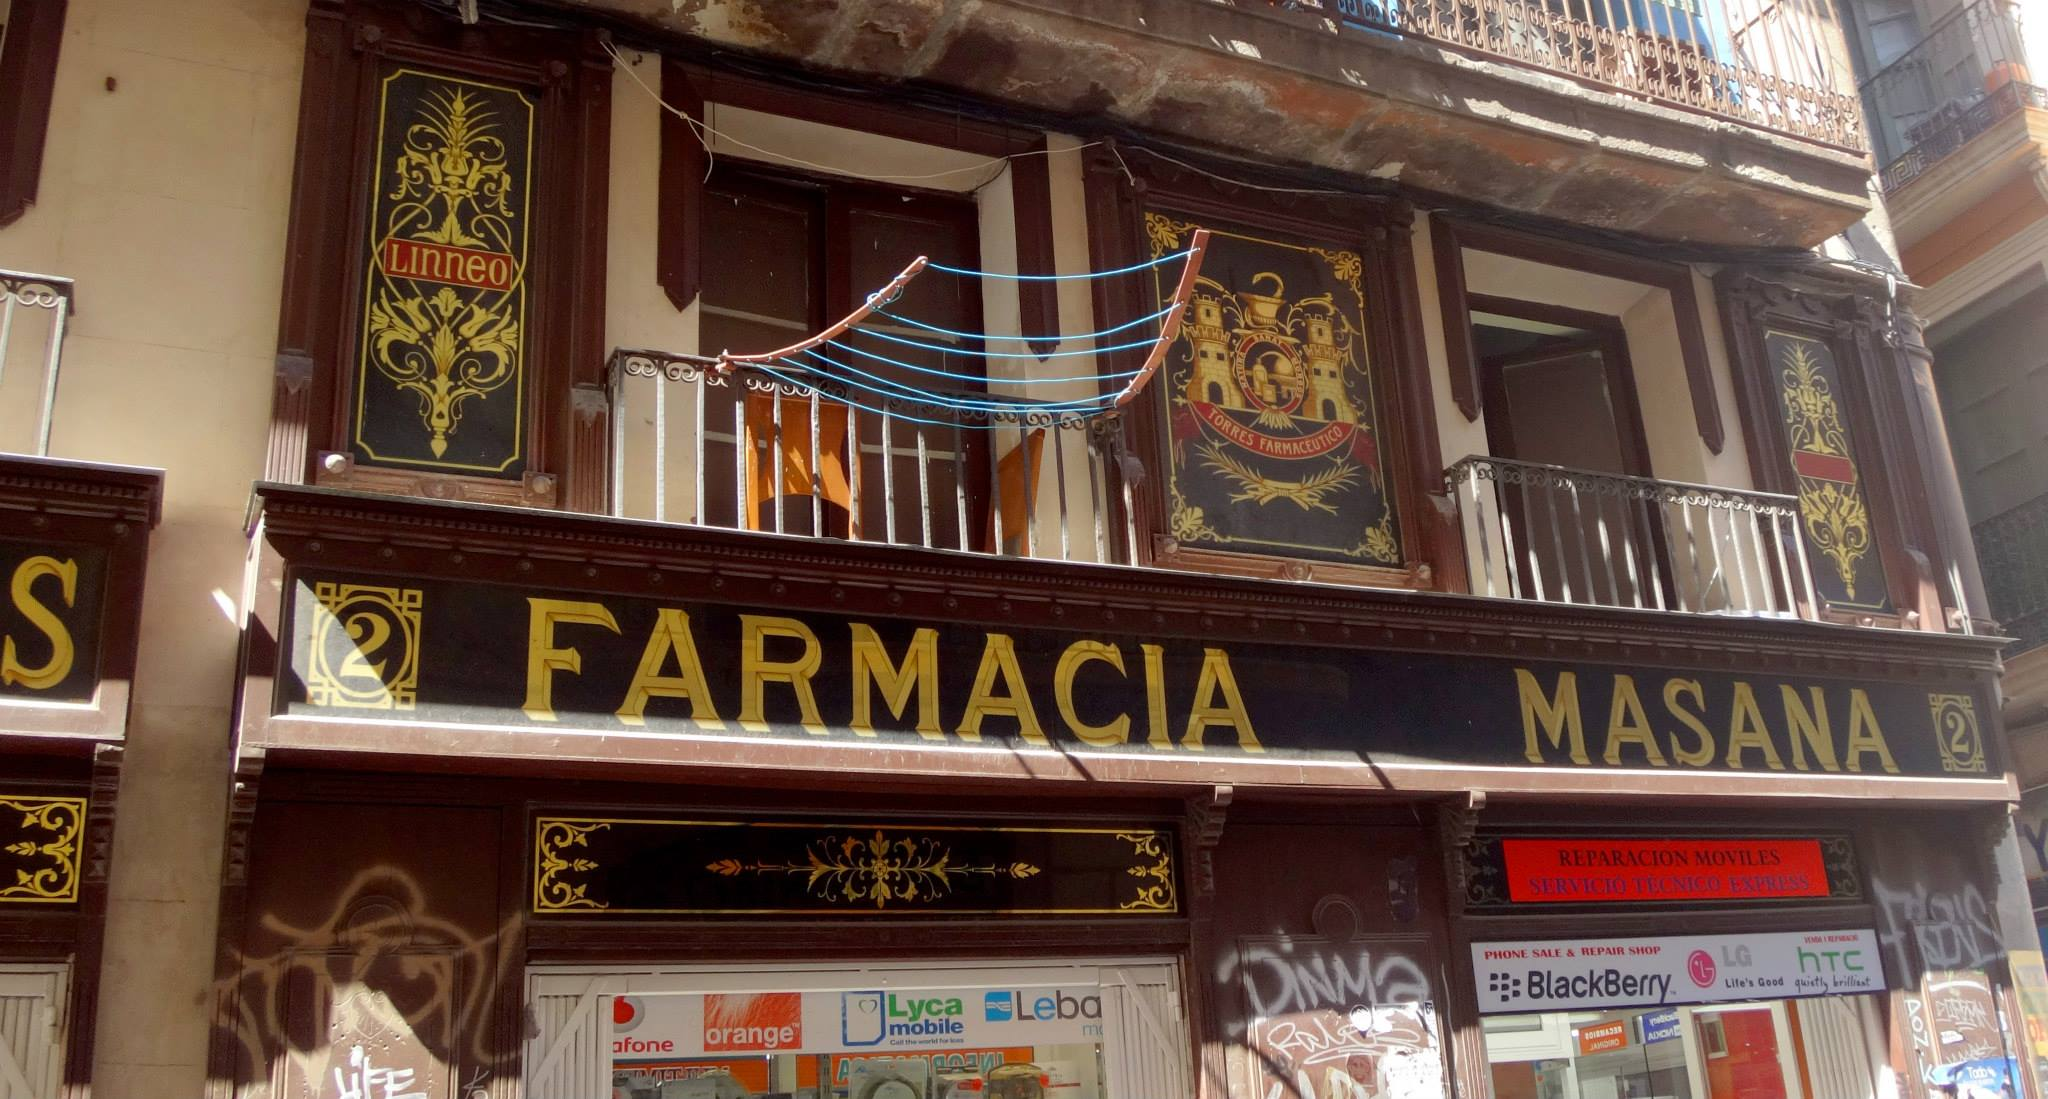 La Farmacia Masana en El Raval conoció mejores dias. — en Barcelona.